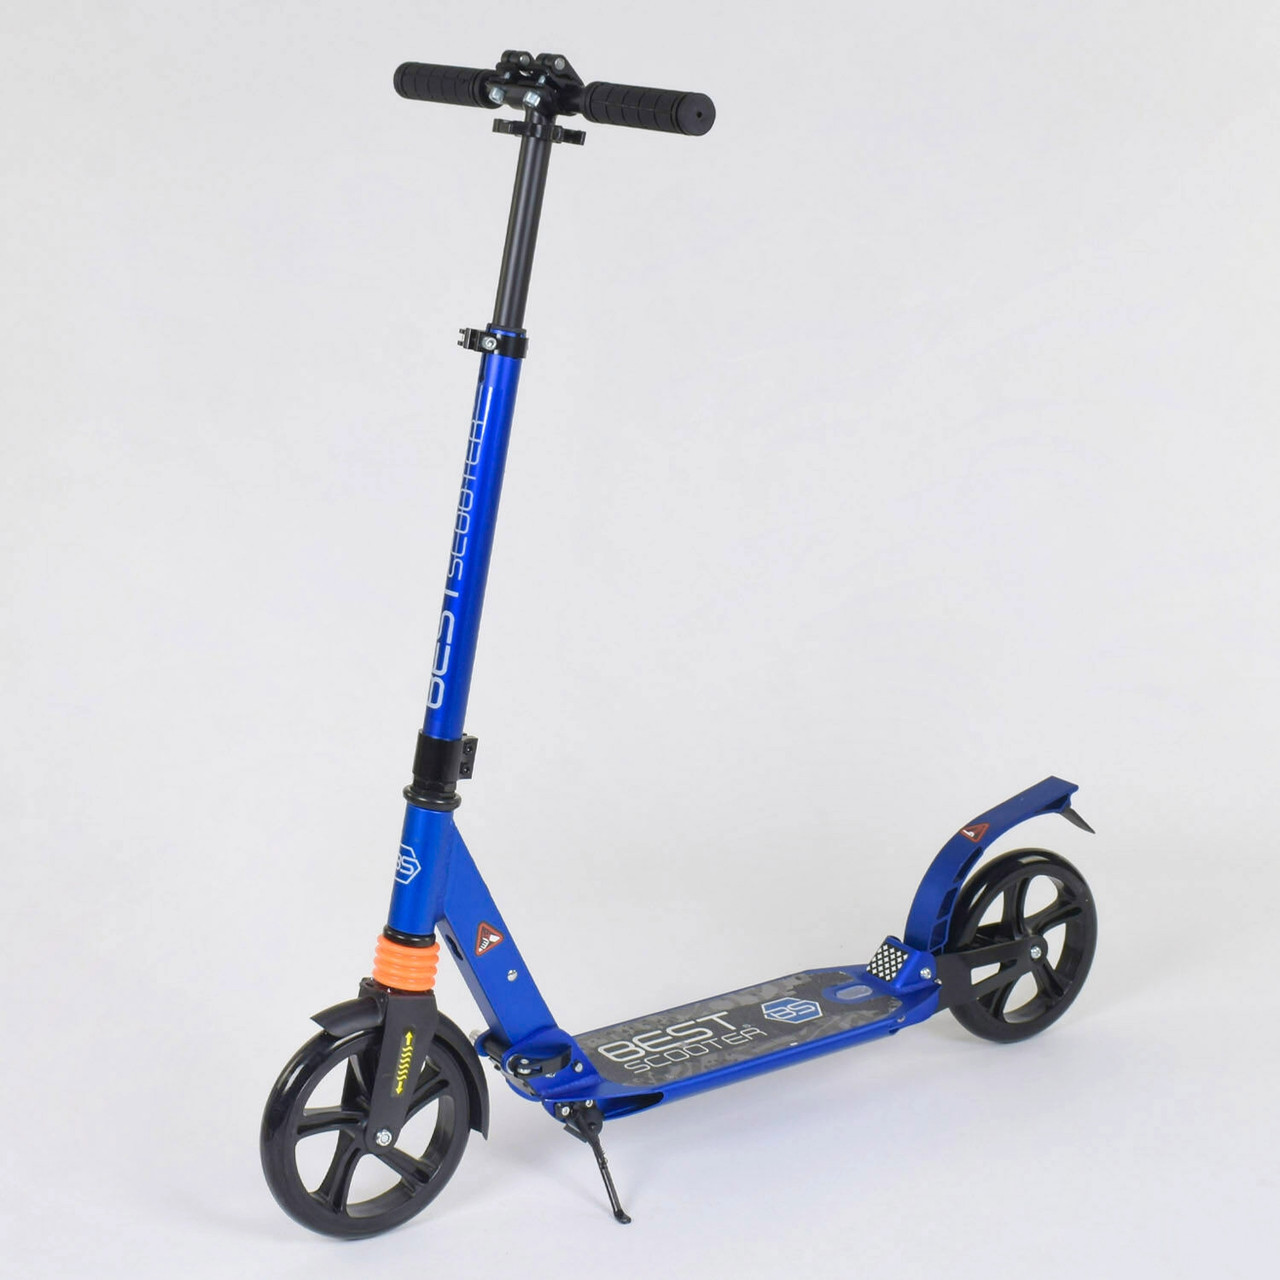 Детский двухколесный самокат алюминиевый Best Scooter 020692 с подножкой и амортизатором Синий